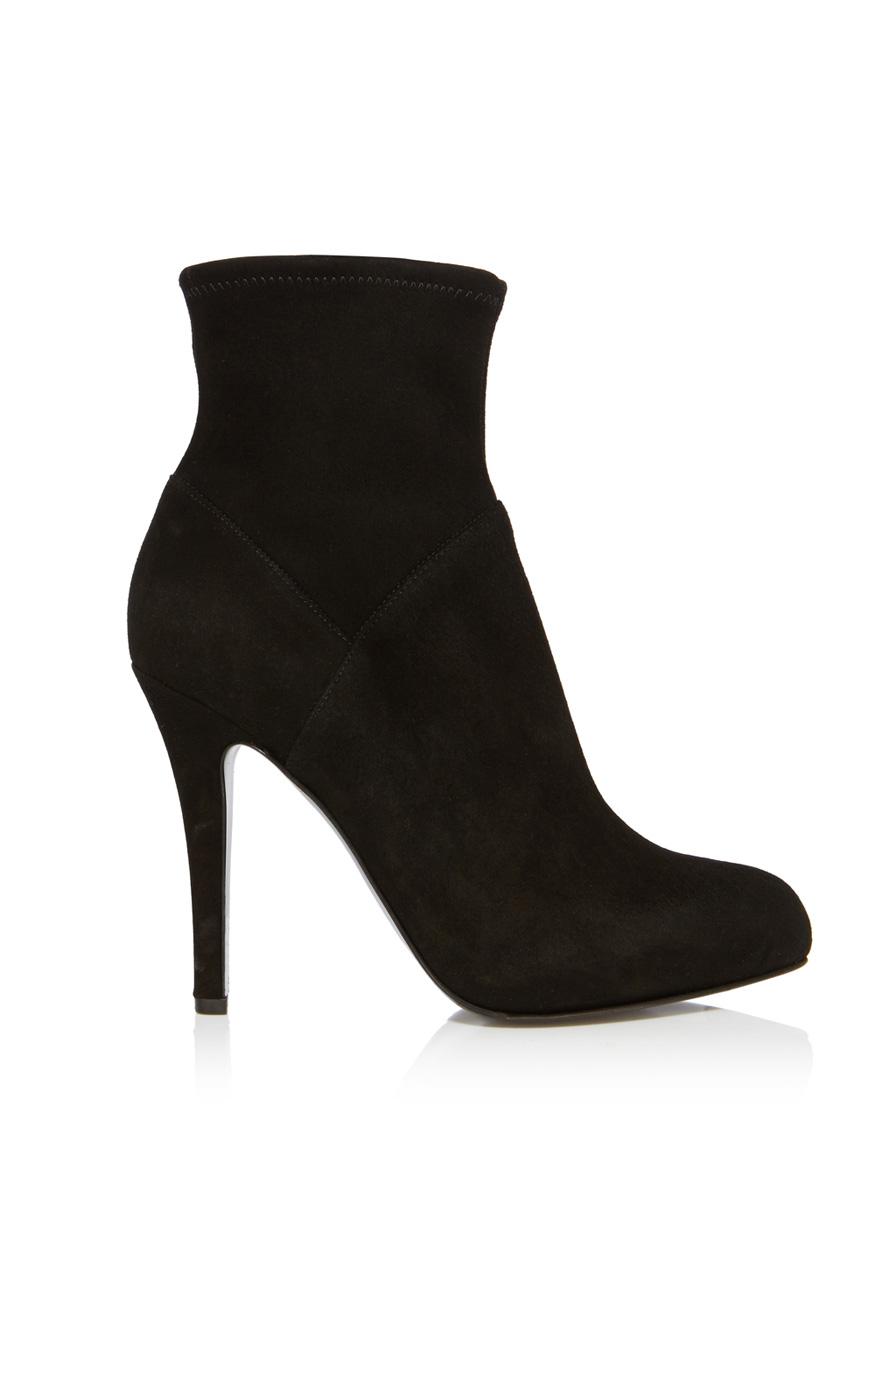 Karen Millen Suede Ankle Boot